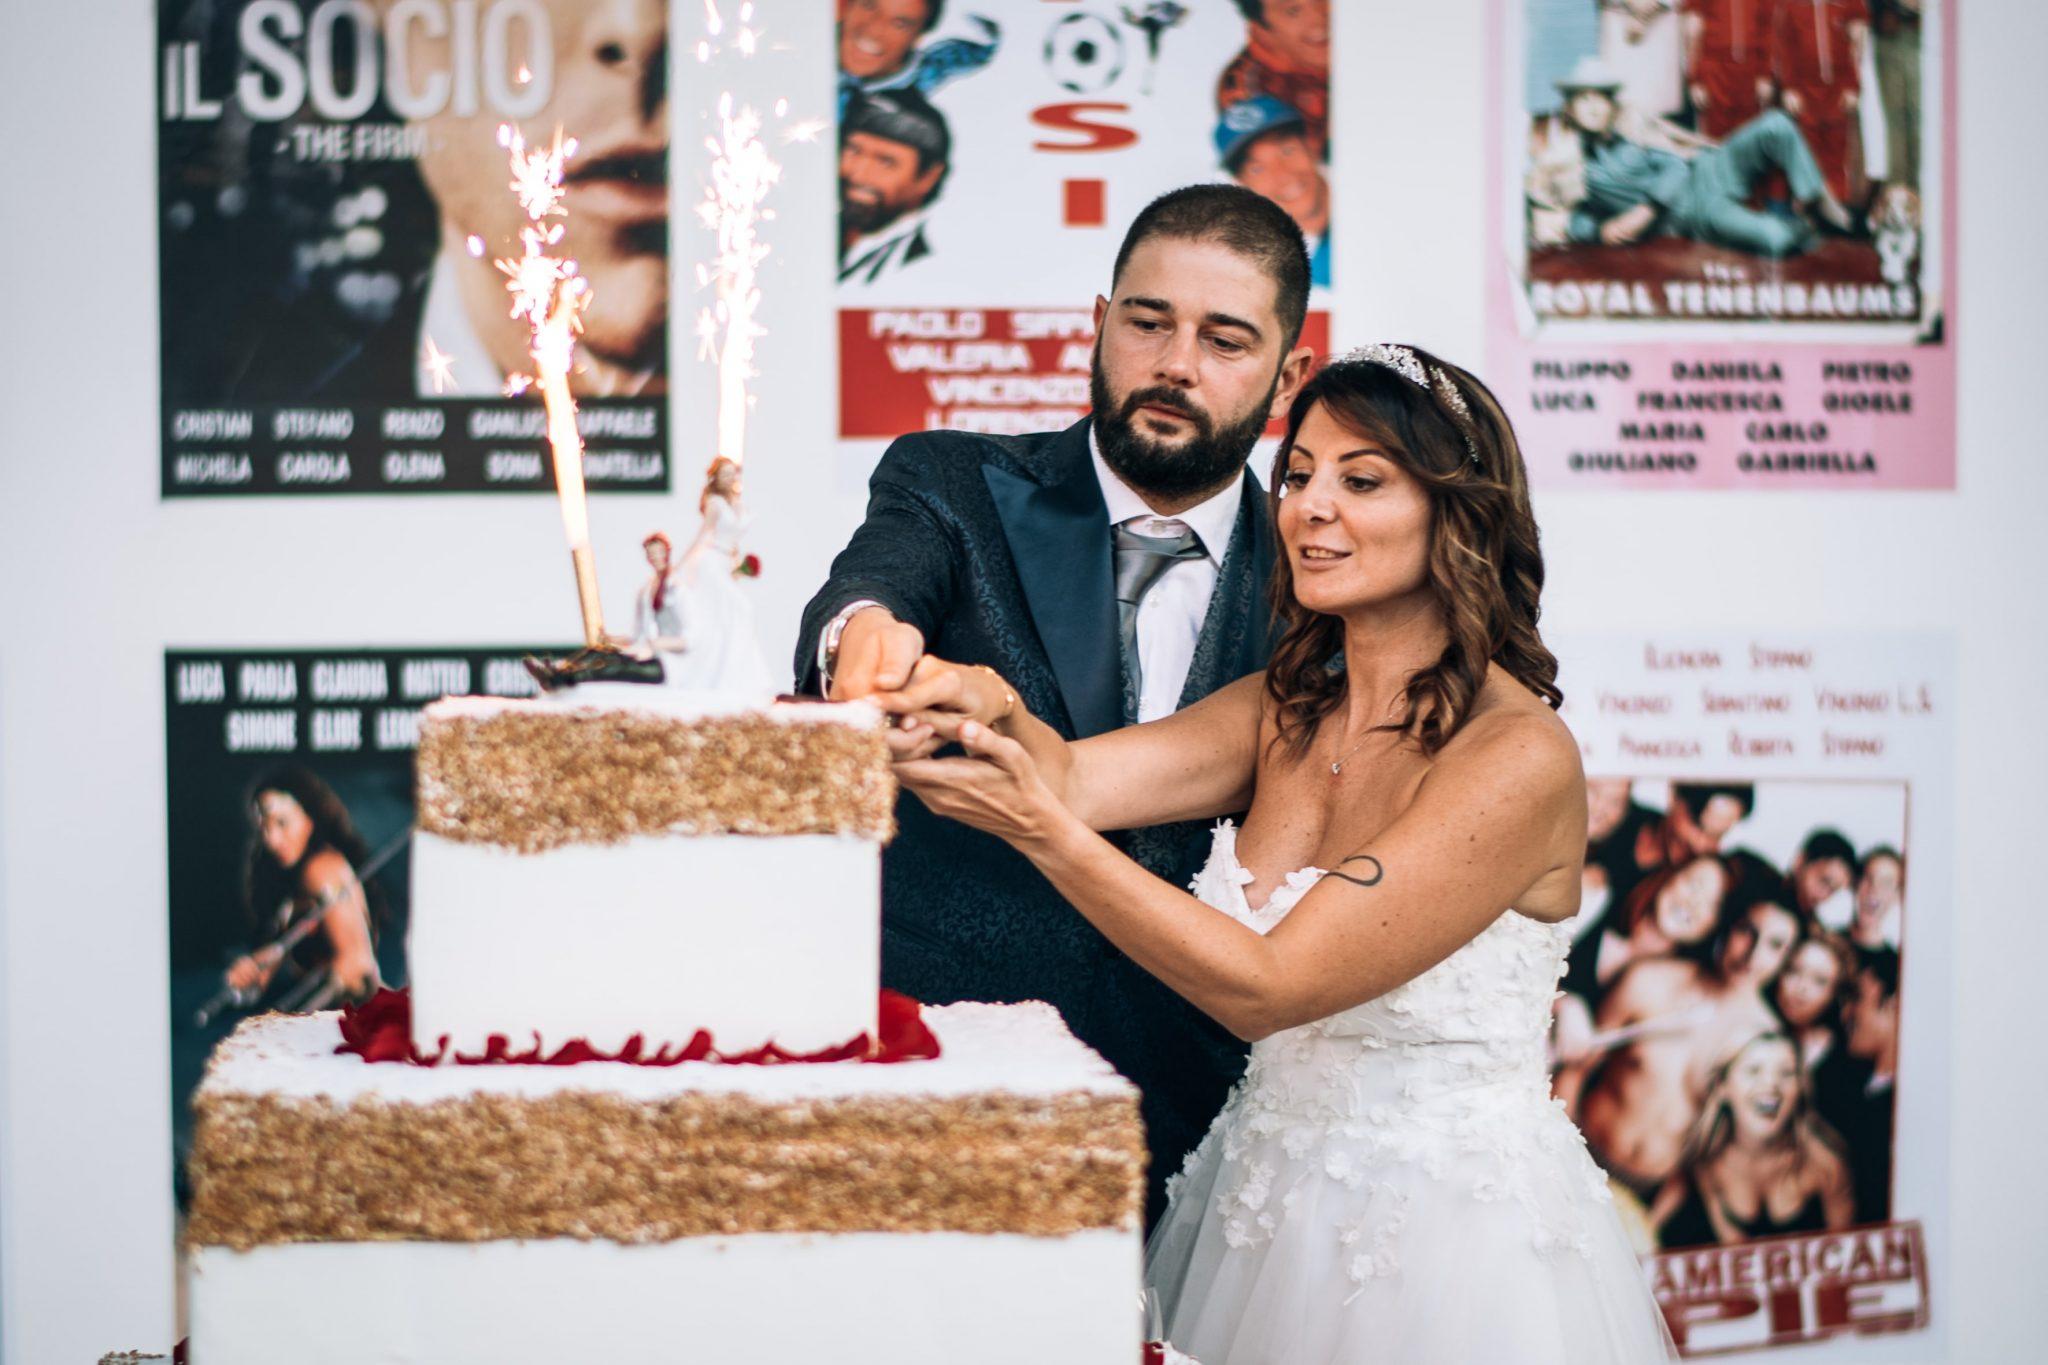 gli sposi al momento del taglio della torta nuziale